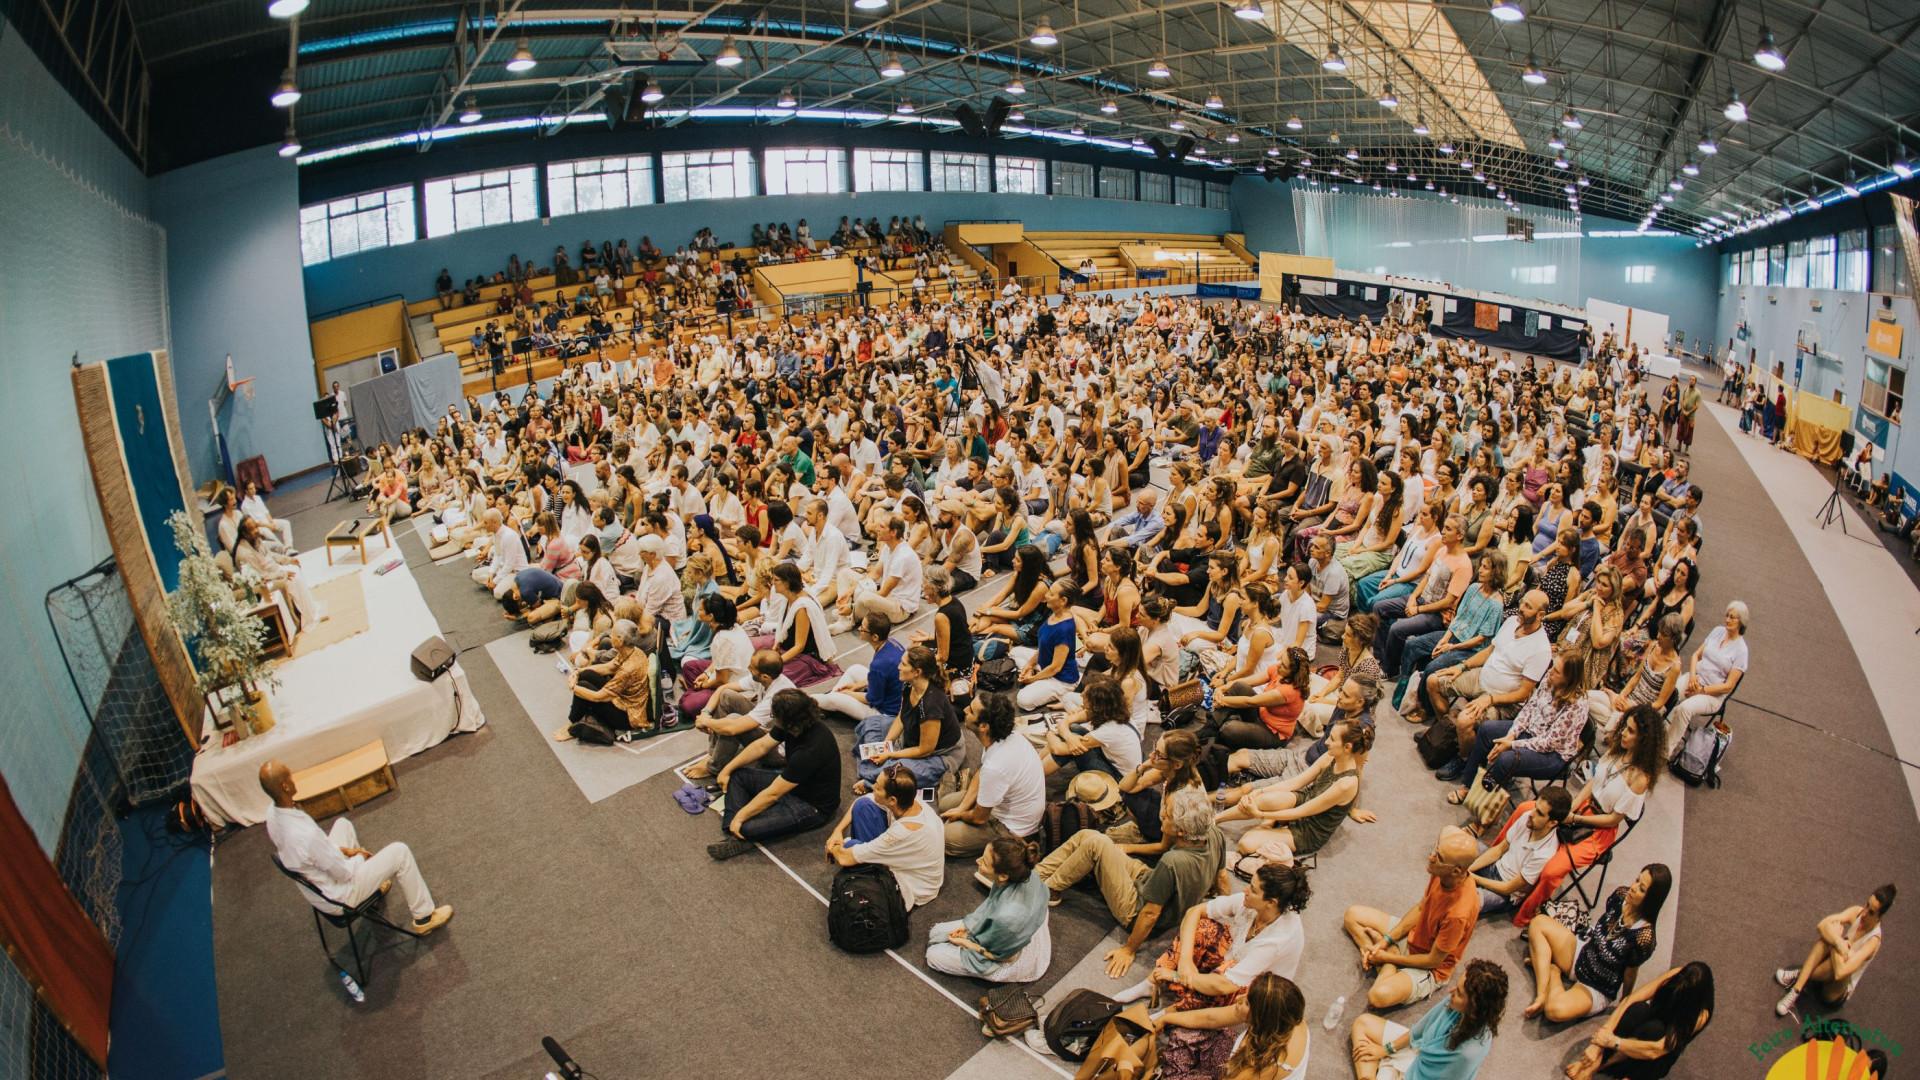 Visite o maior evento nacional de bem-estar e de desenvolvimento pessoal